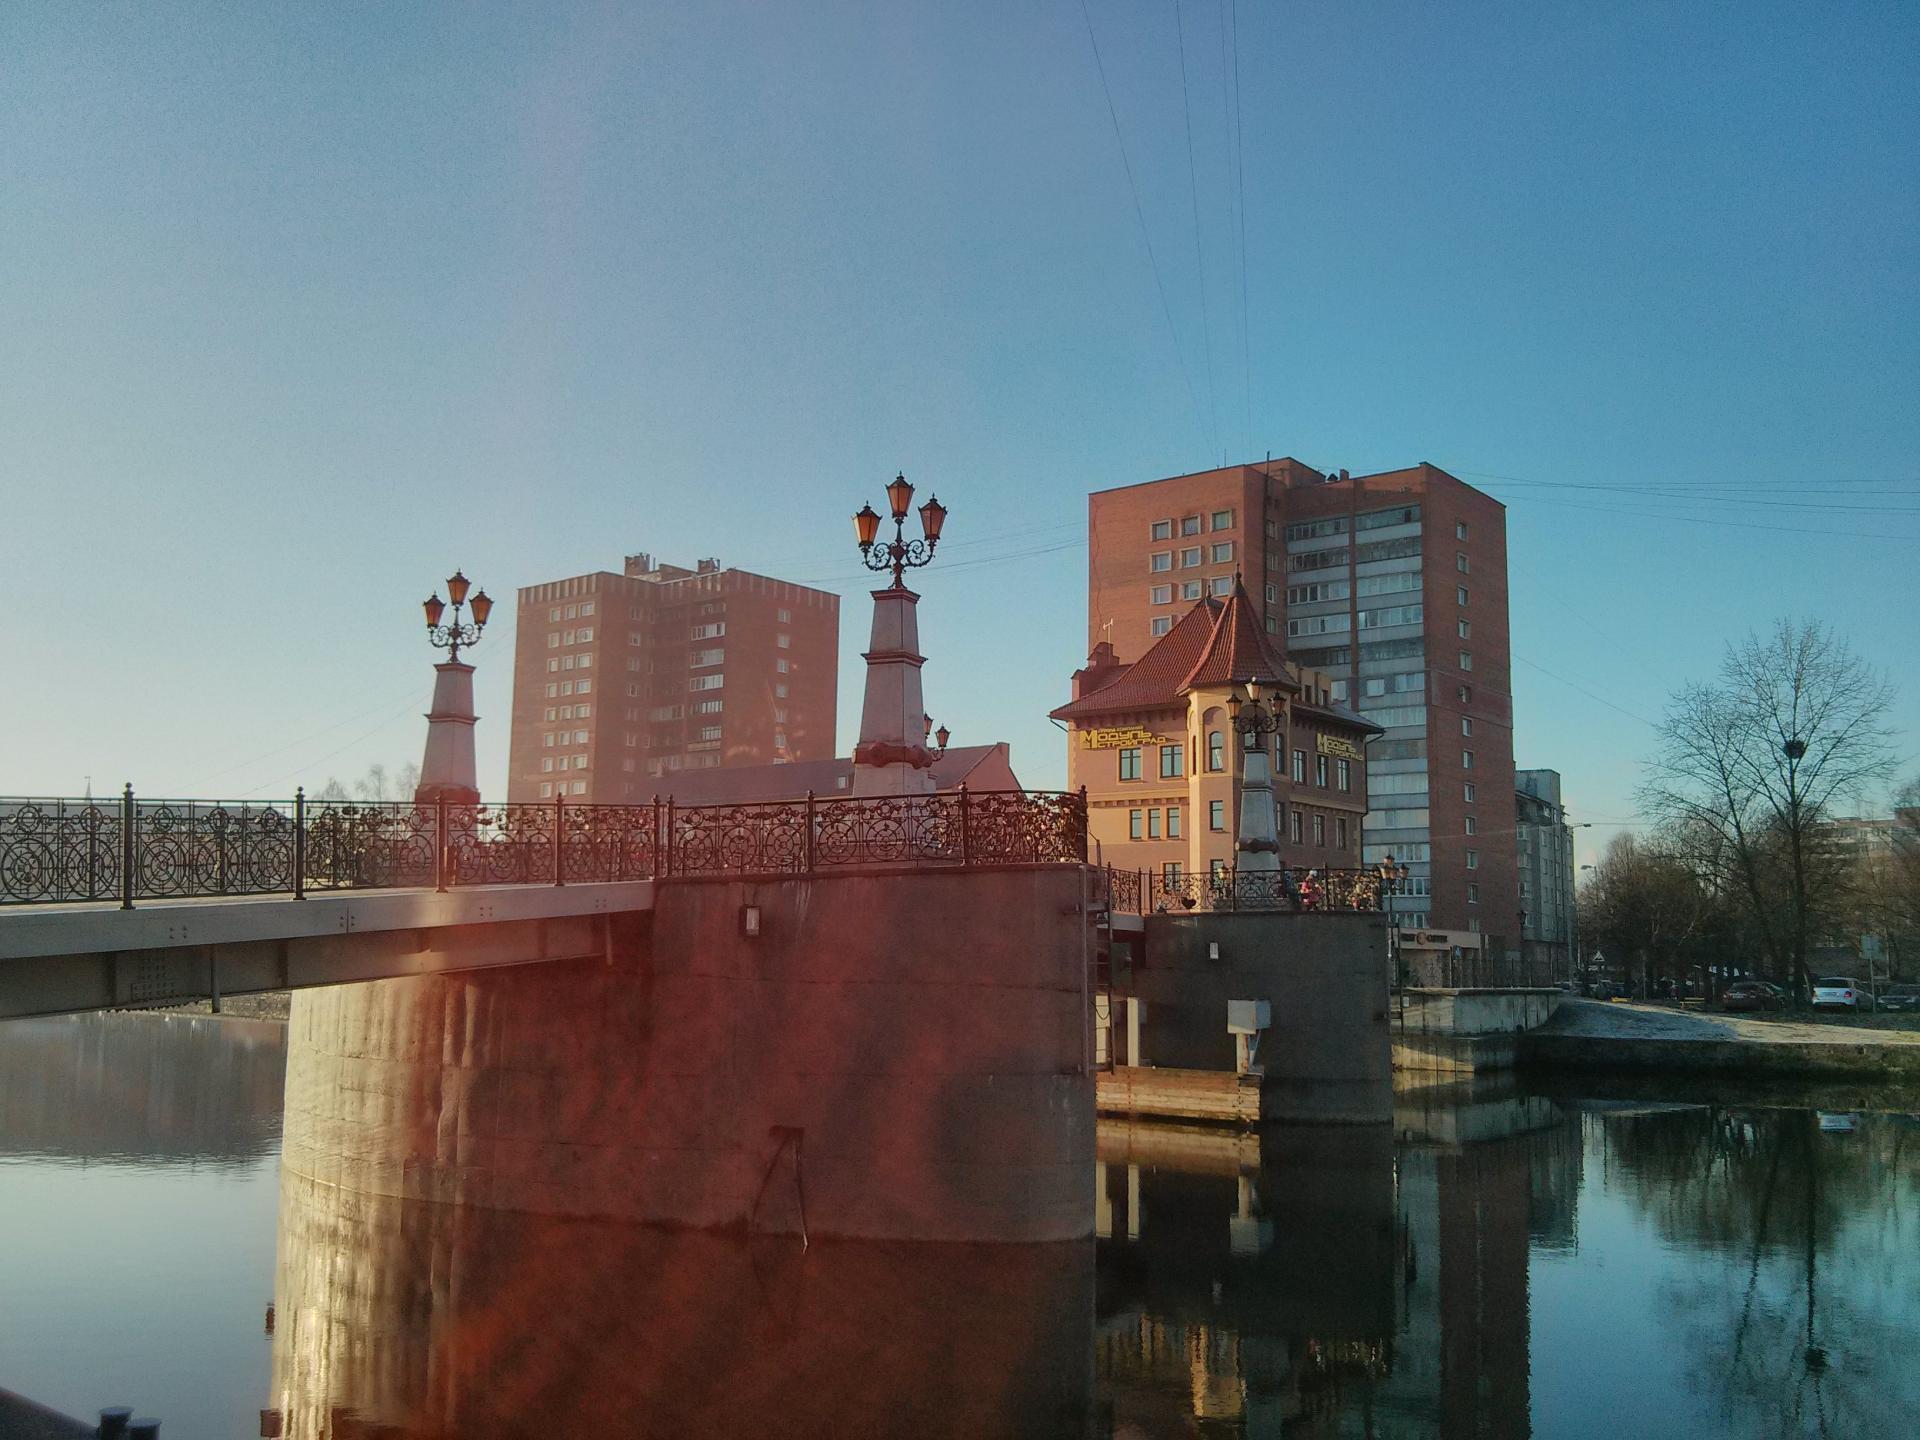 Russland_Kaliningrad_Jubilaumsbrücke_visi kaliningrad.ru